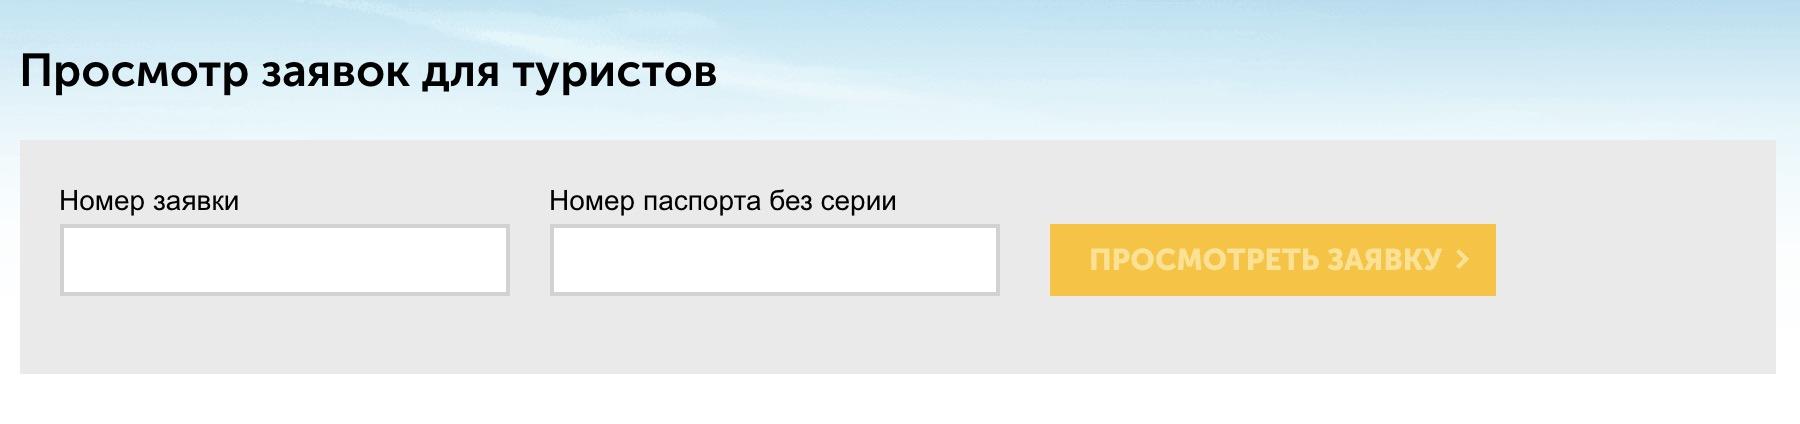 Даже если вам прислали скрин с подтверждением брони, проверьте информацию на сайте туроператора: мошенники могут показывать чужую оплаченную бронь. Если это так, номера вашего паспорта не окажется в базе